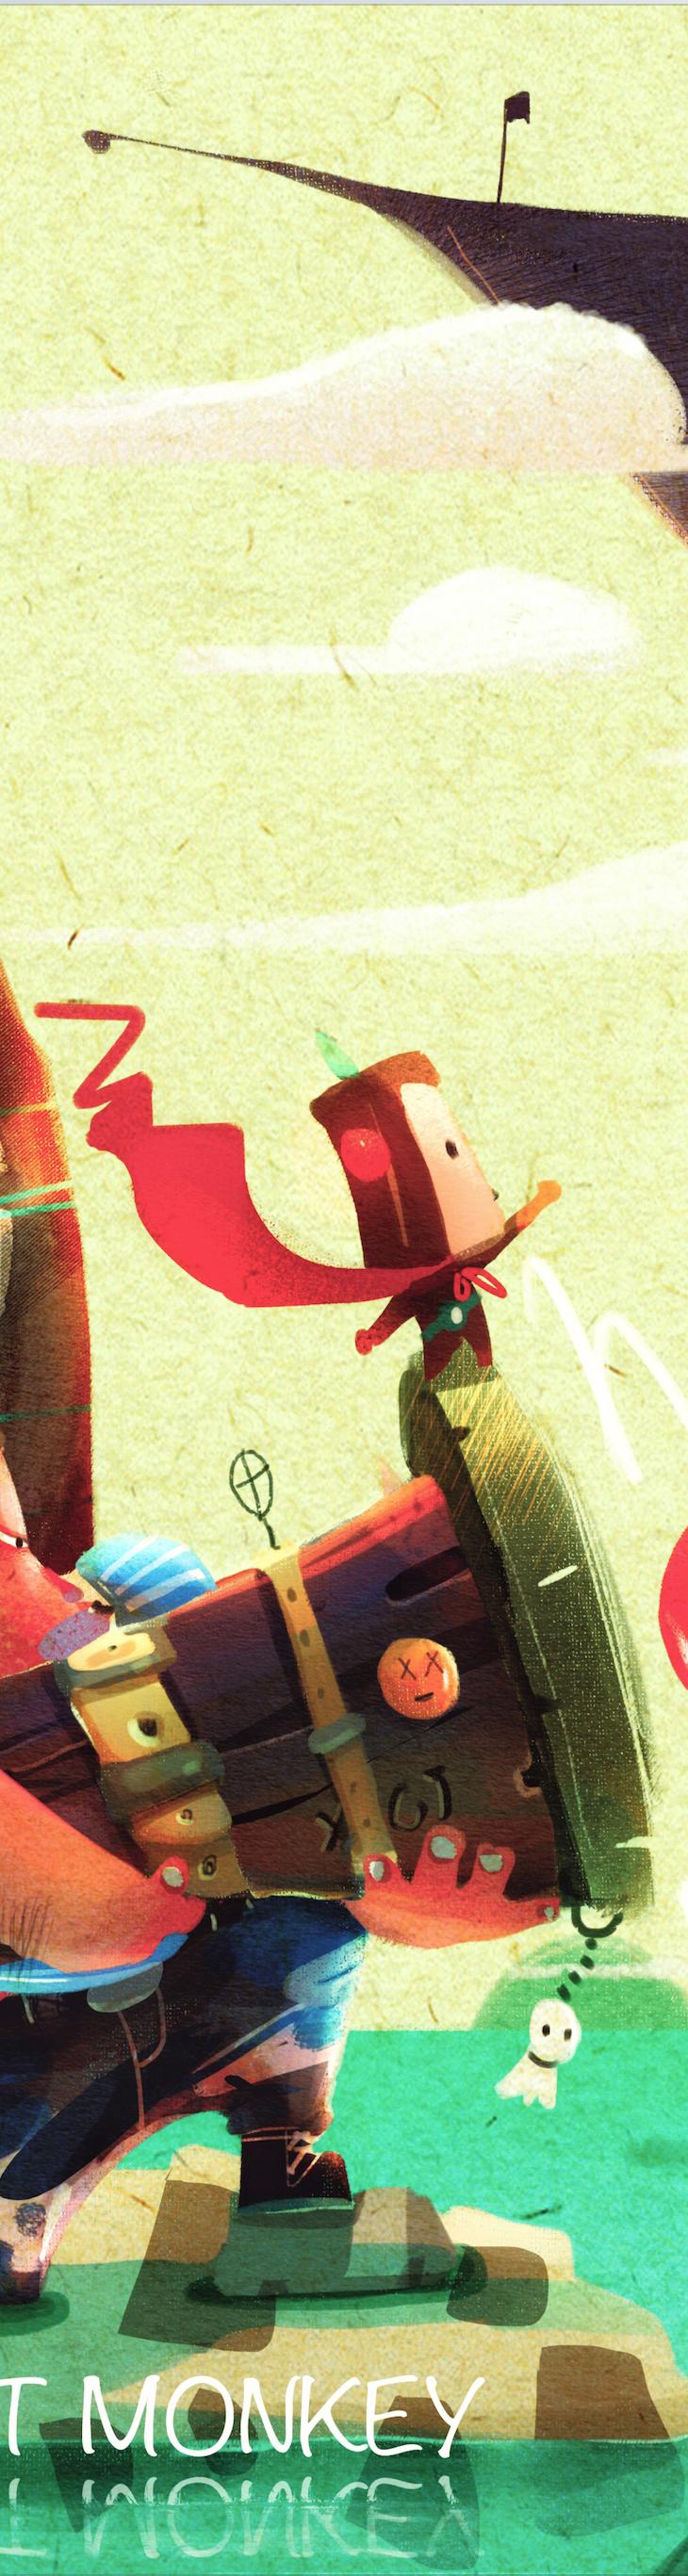 查看《接受我的爱心攻击-吐司猴》原图,原图尺寸:730x2734